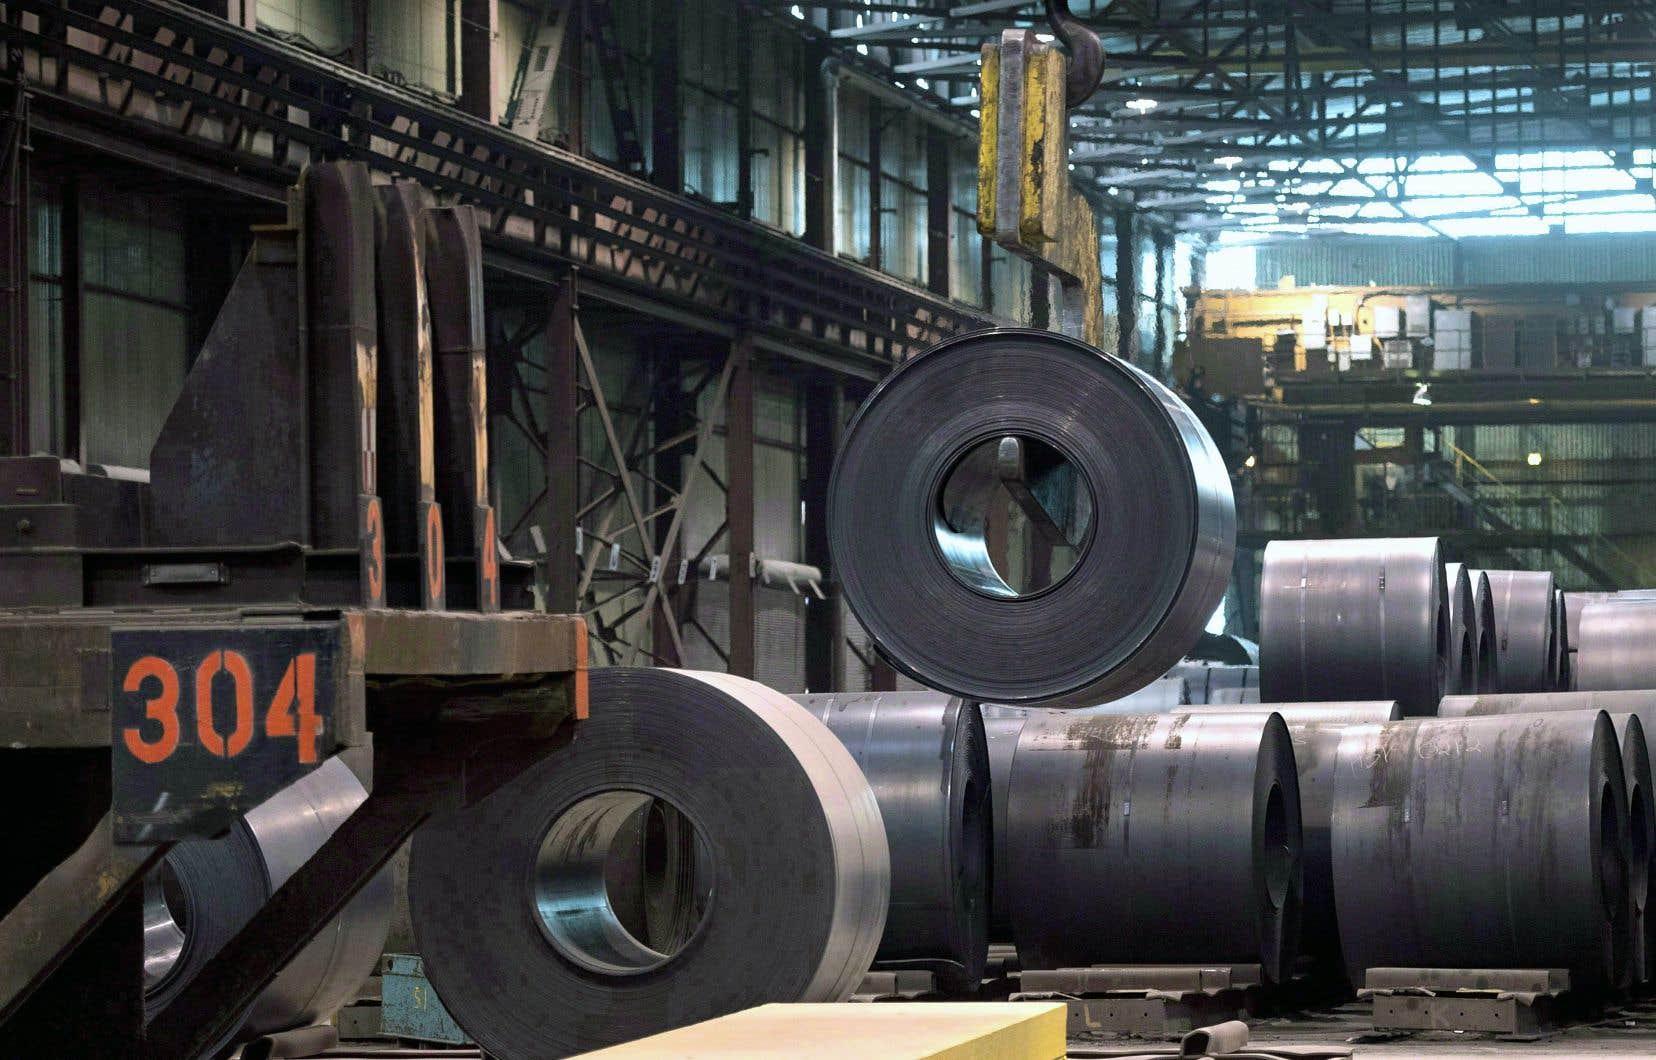 Les États-Unis disent que leurs industries de l'acier et de l'aluminium sont menacées par la surproduction sur les marchés internationaux et que, pour les défendre, ils doivent se protéger des importations étrangères, rappelle Krzysztof Pelc.